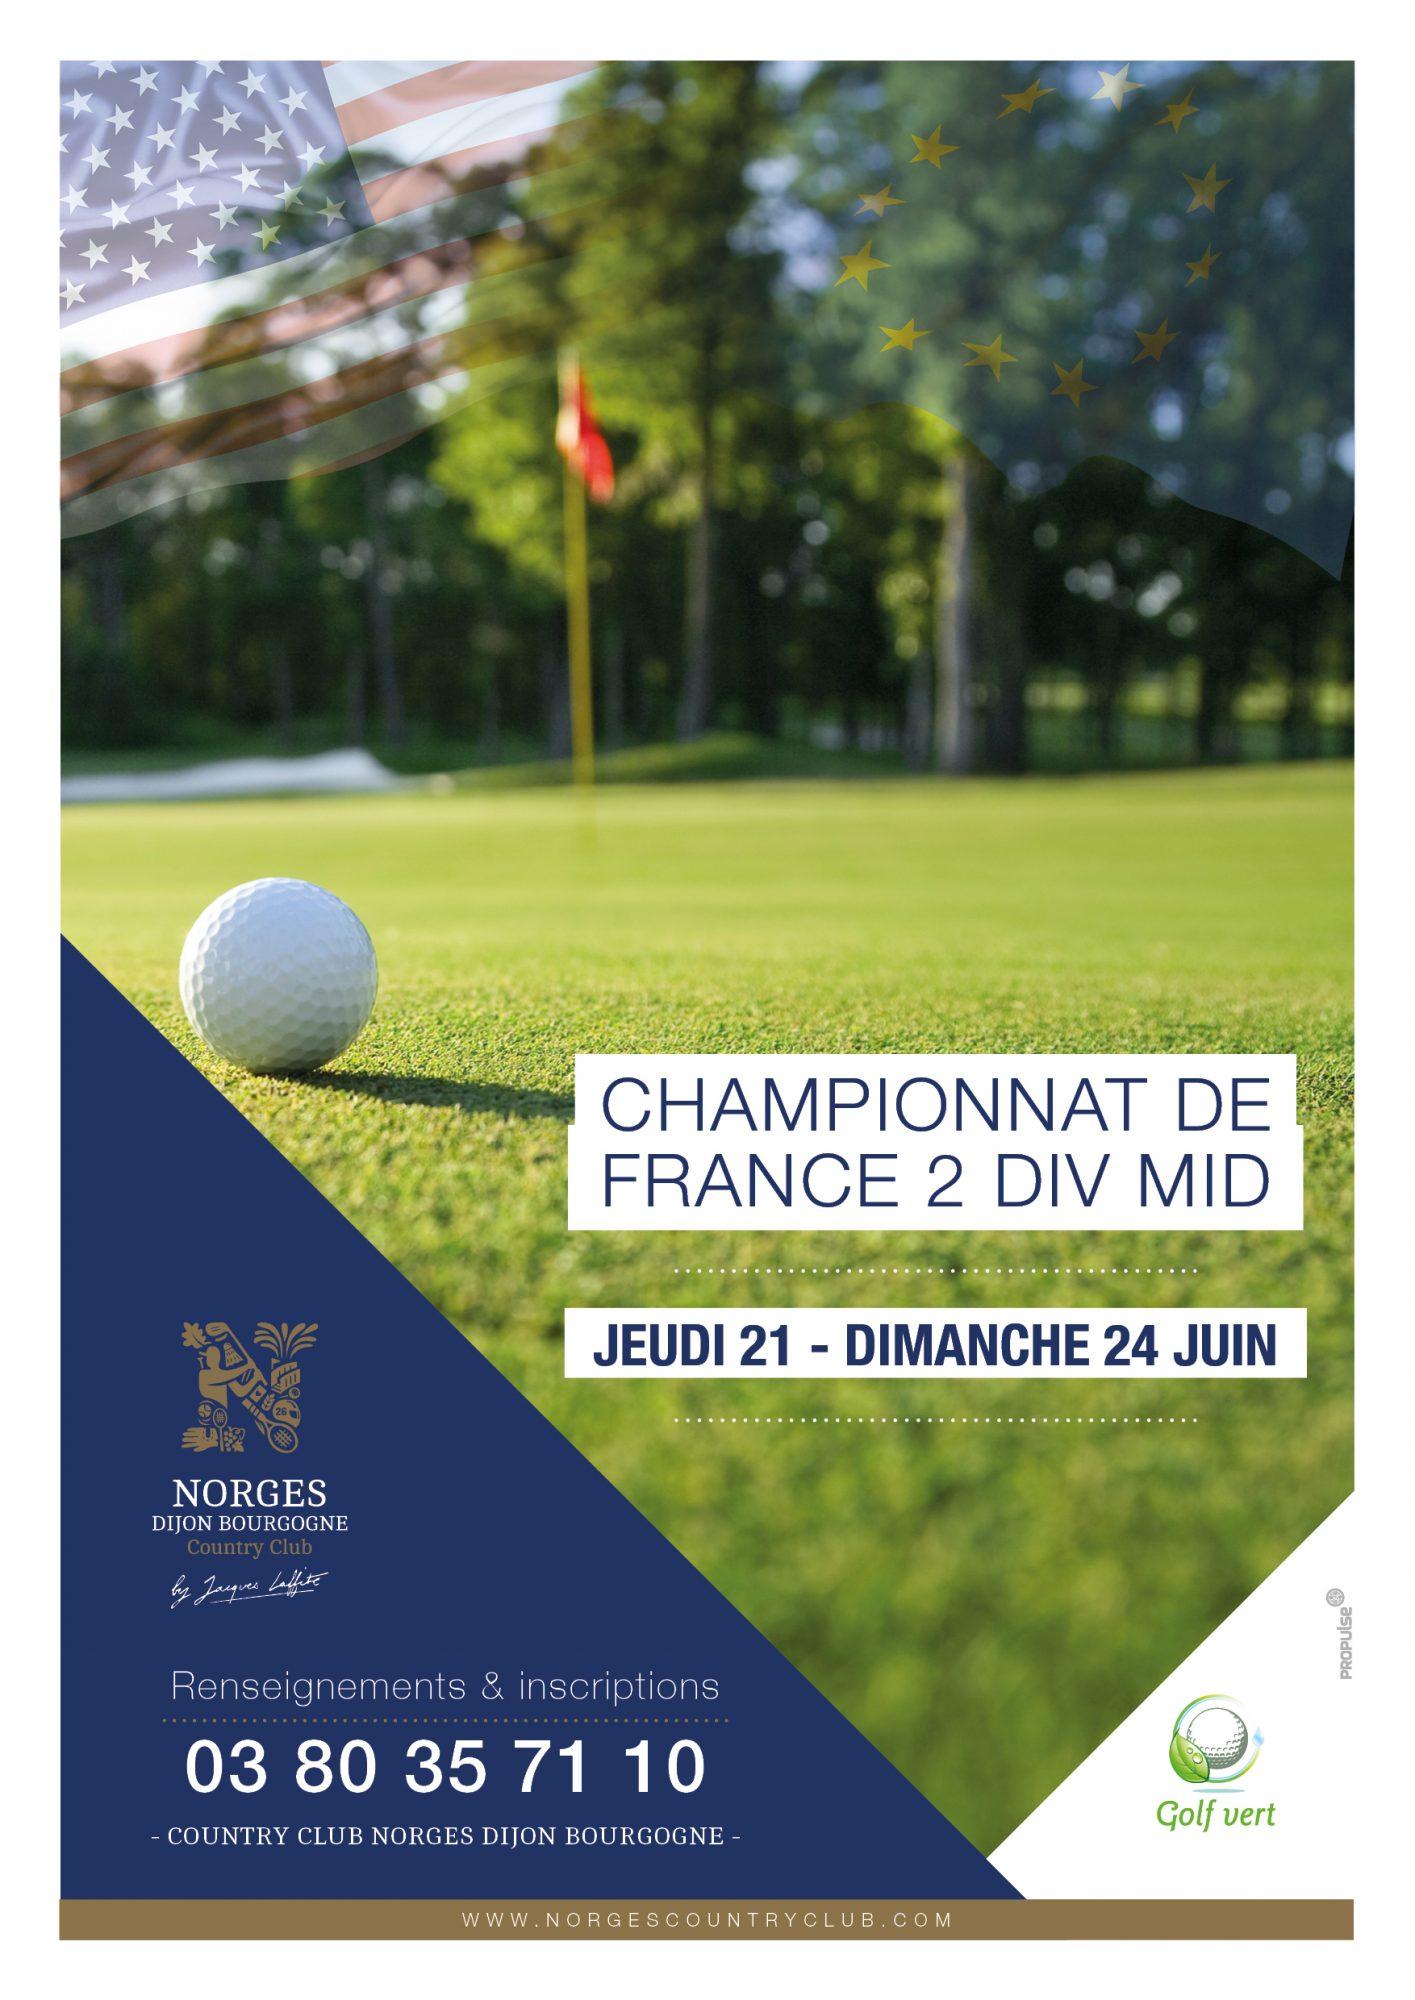 Championnat de France 2 Div Mid